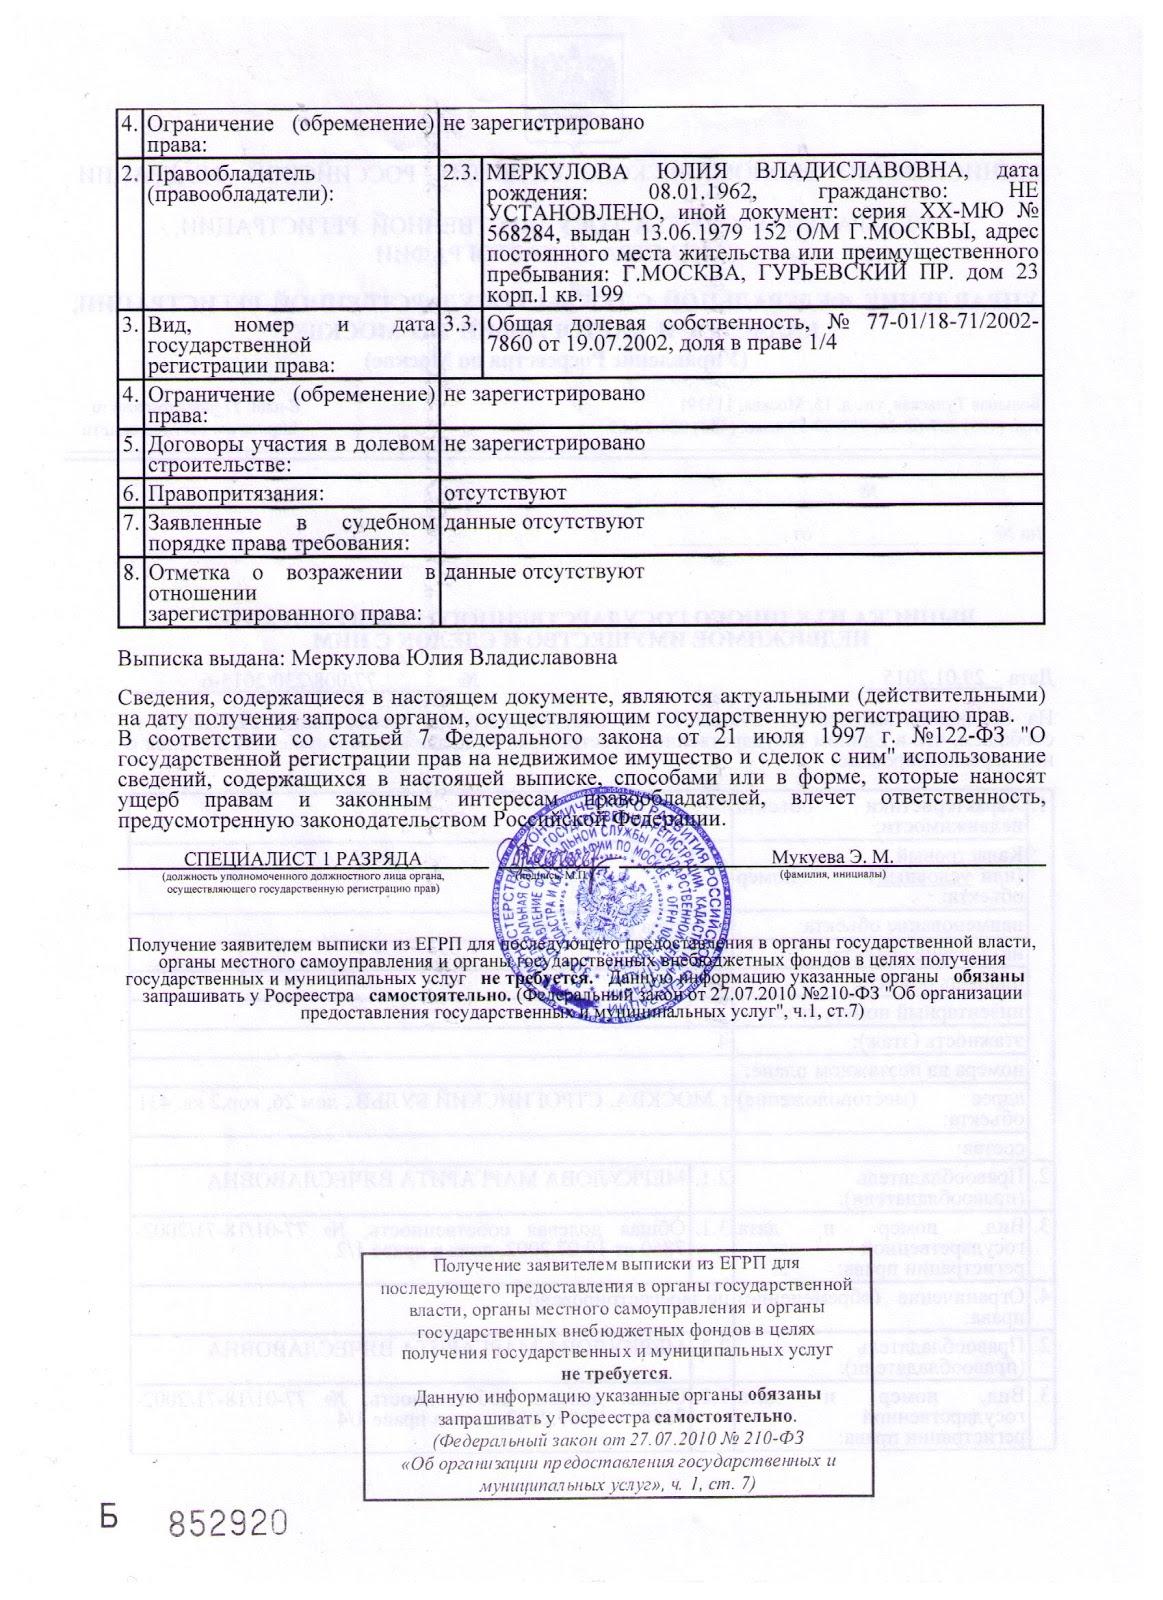 Список документов не обходимых в уфмс при регистрации сотрудника